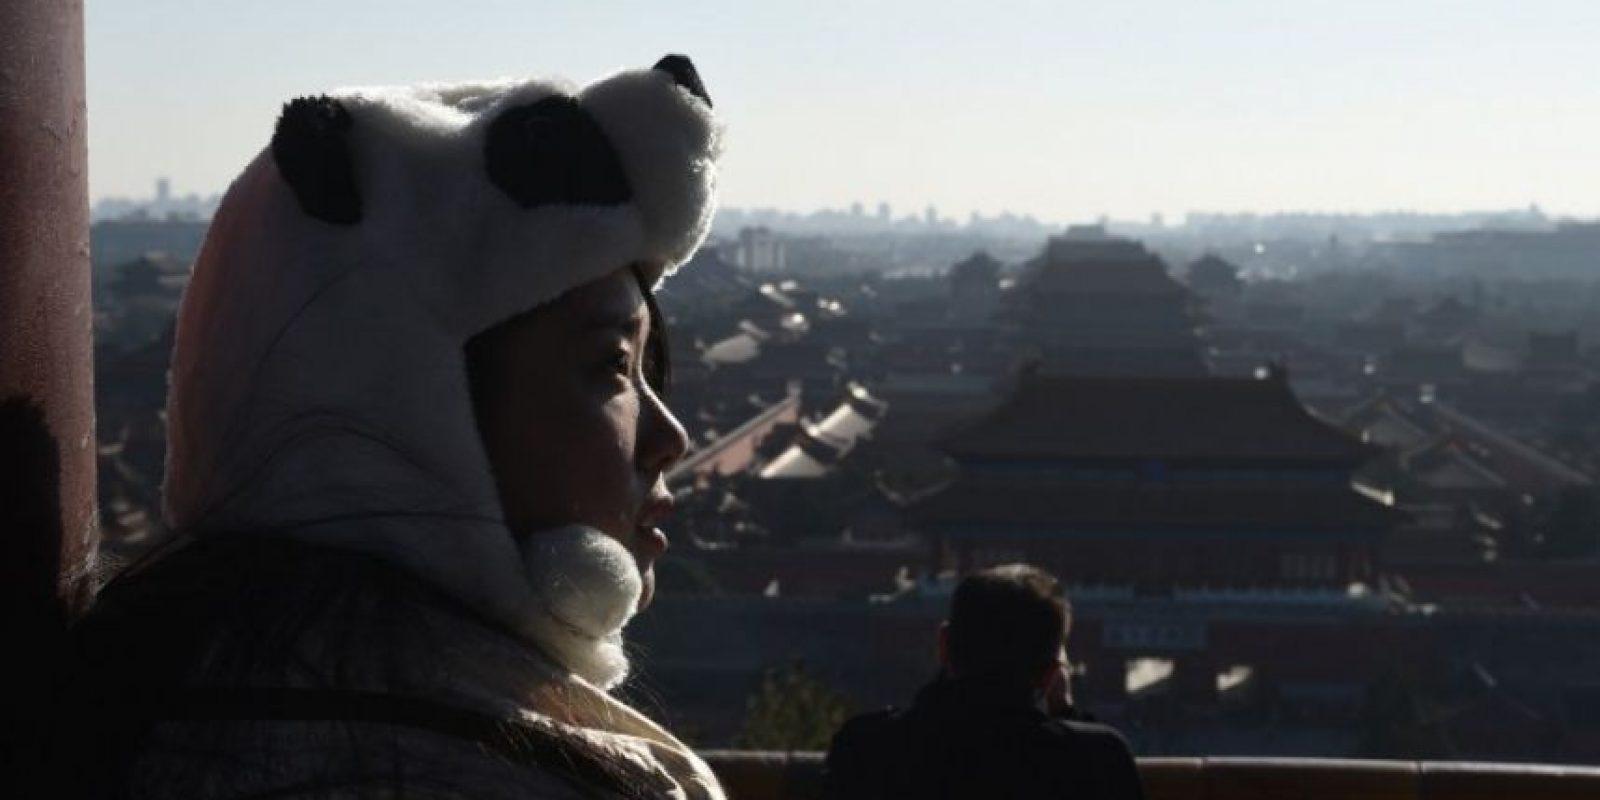 Se llegaron a registrar 400 microgramos por metro cubico de partículas PM 2.5 Foto:AFP